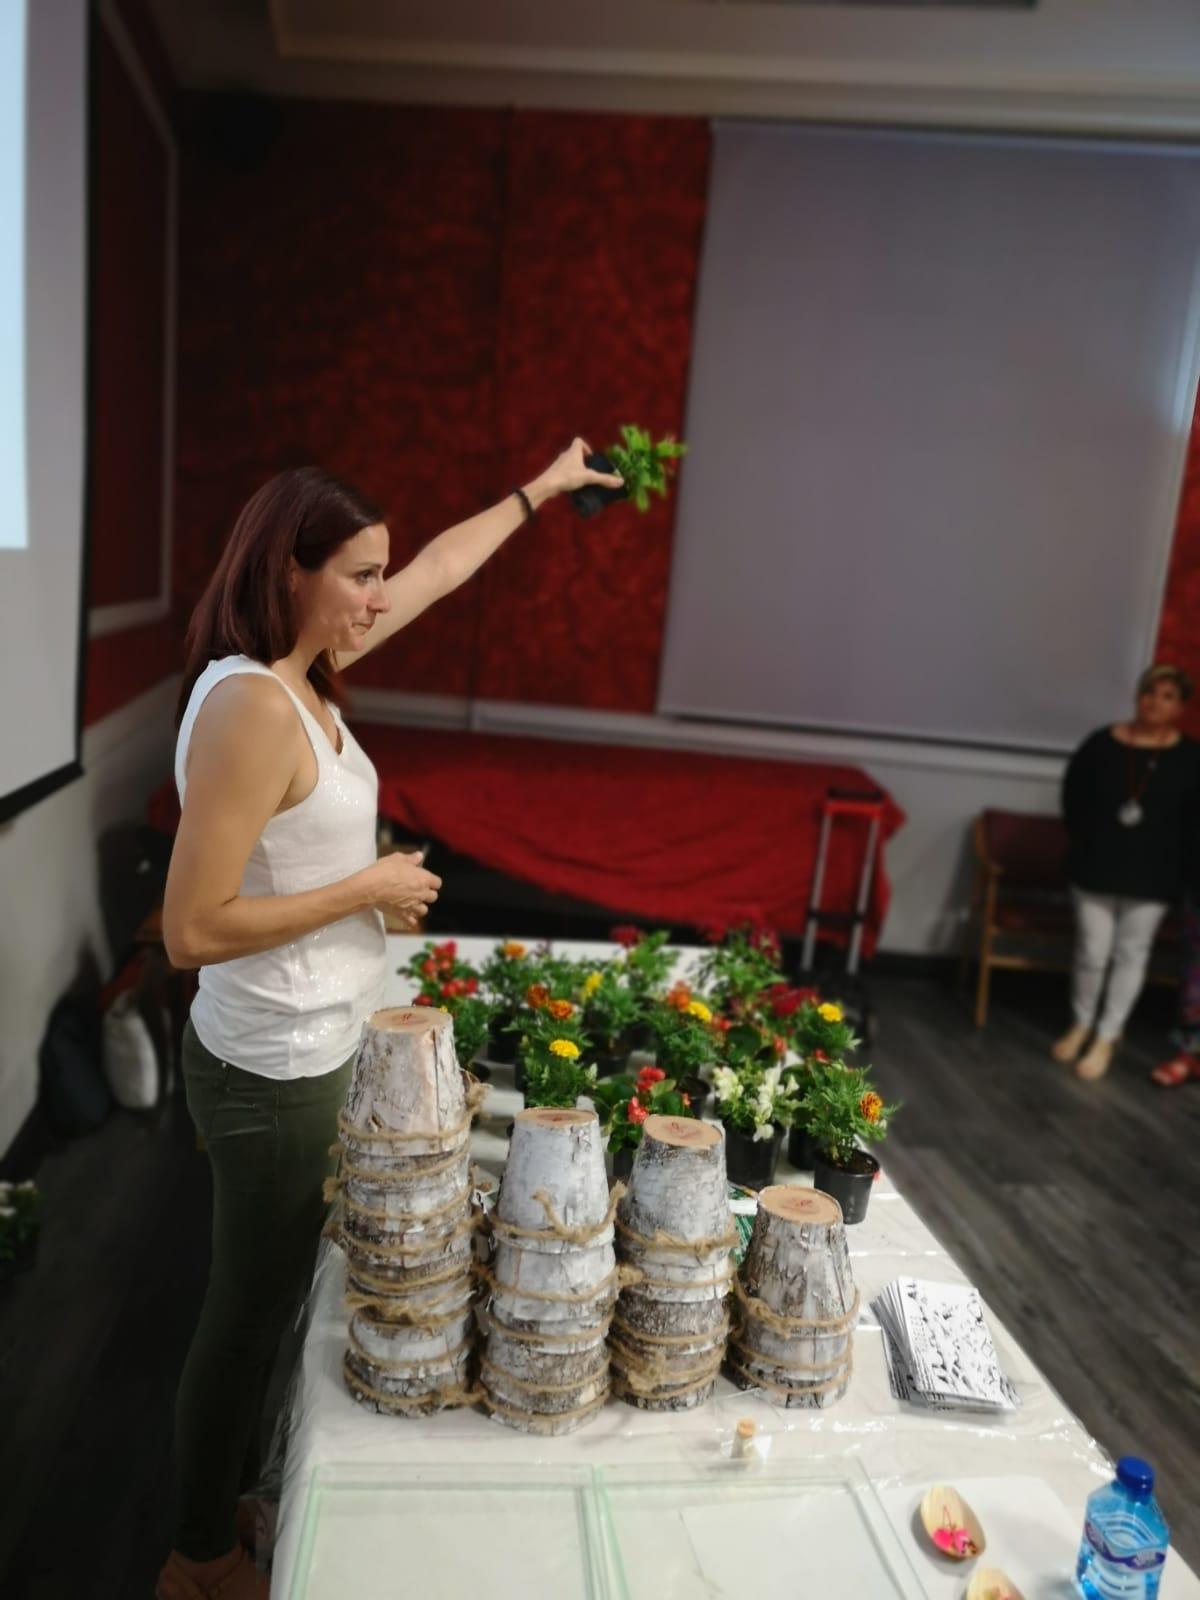 Laura Carrera explicando uno de las secciones del Taller de flores comestibles